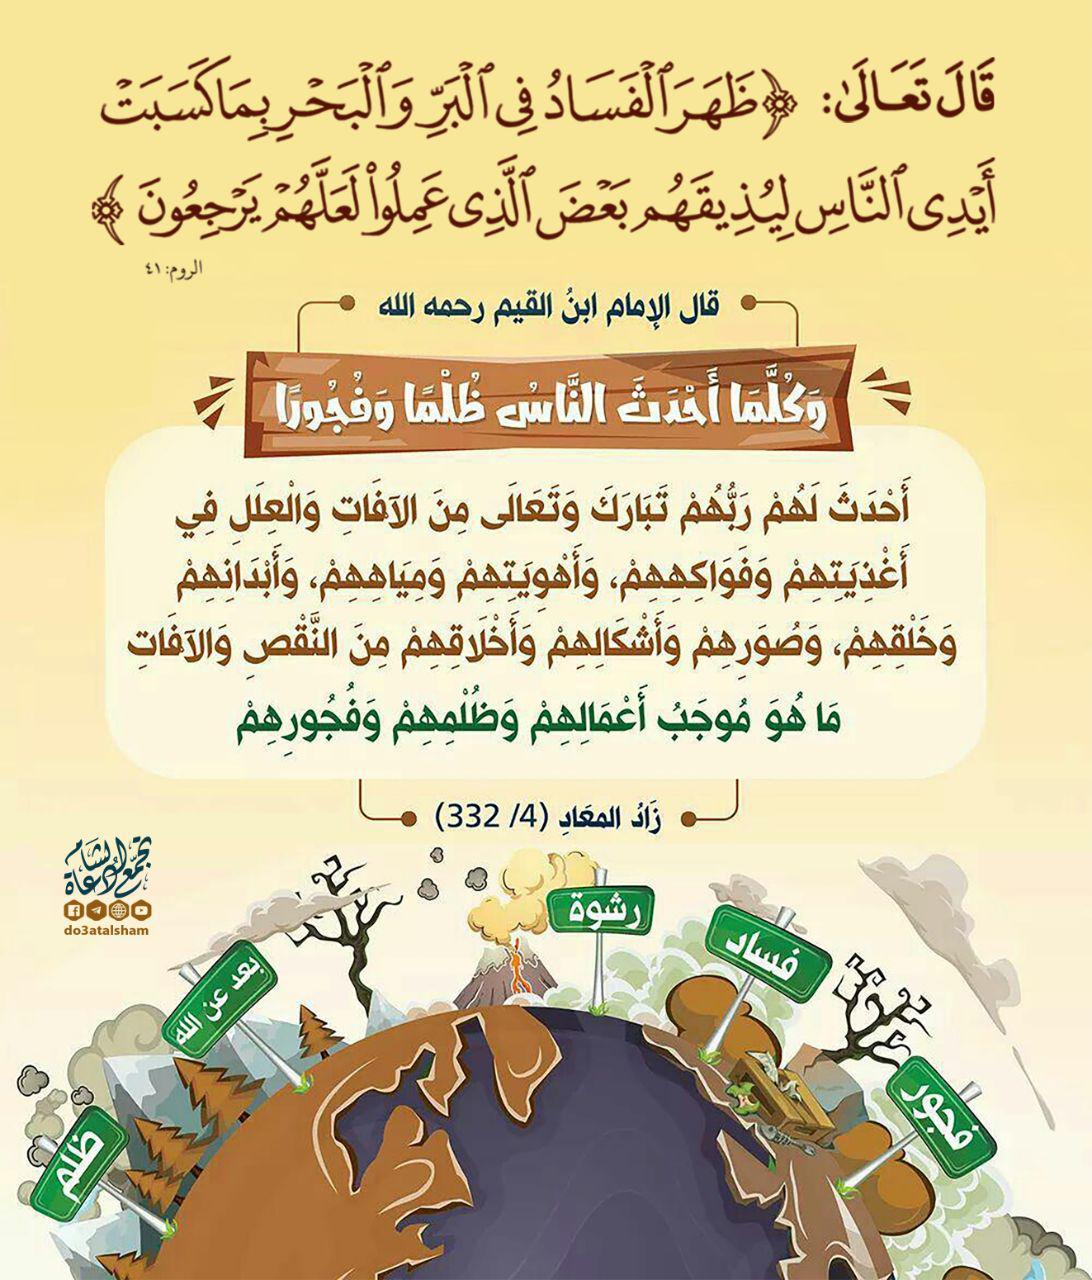 ظهر الفساد في البر والبحر بما كسبت أيدي الناس تجمع دعاة الشام